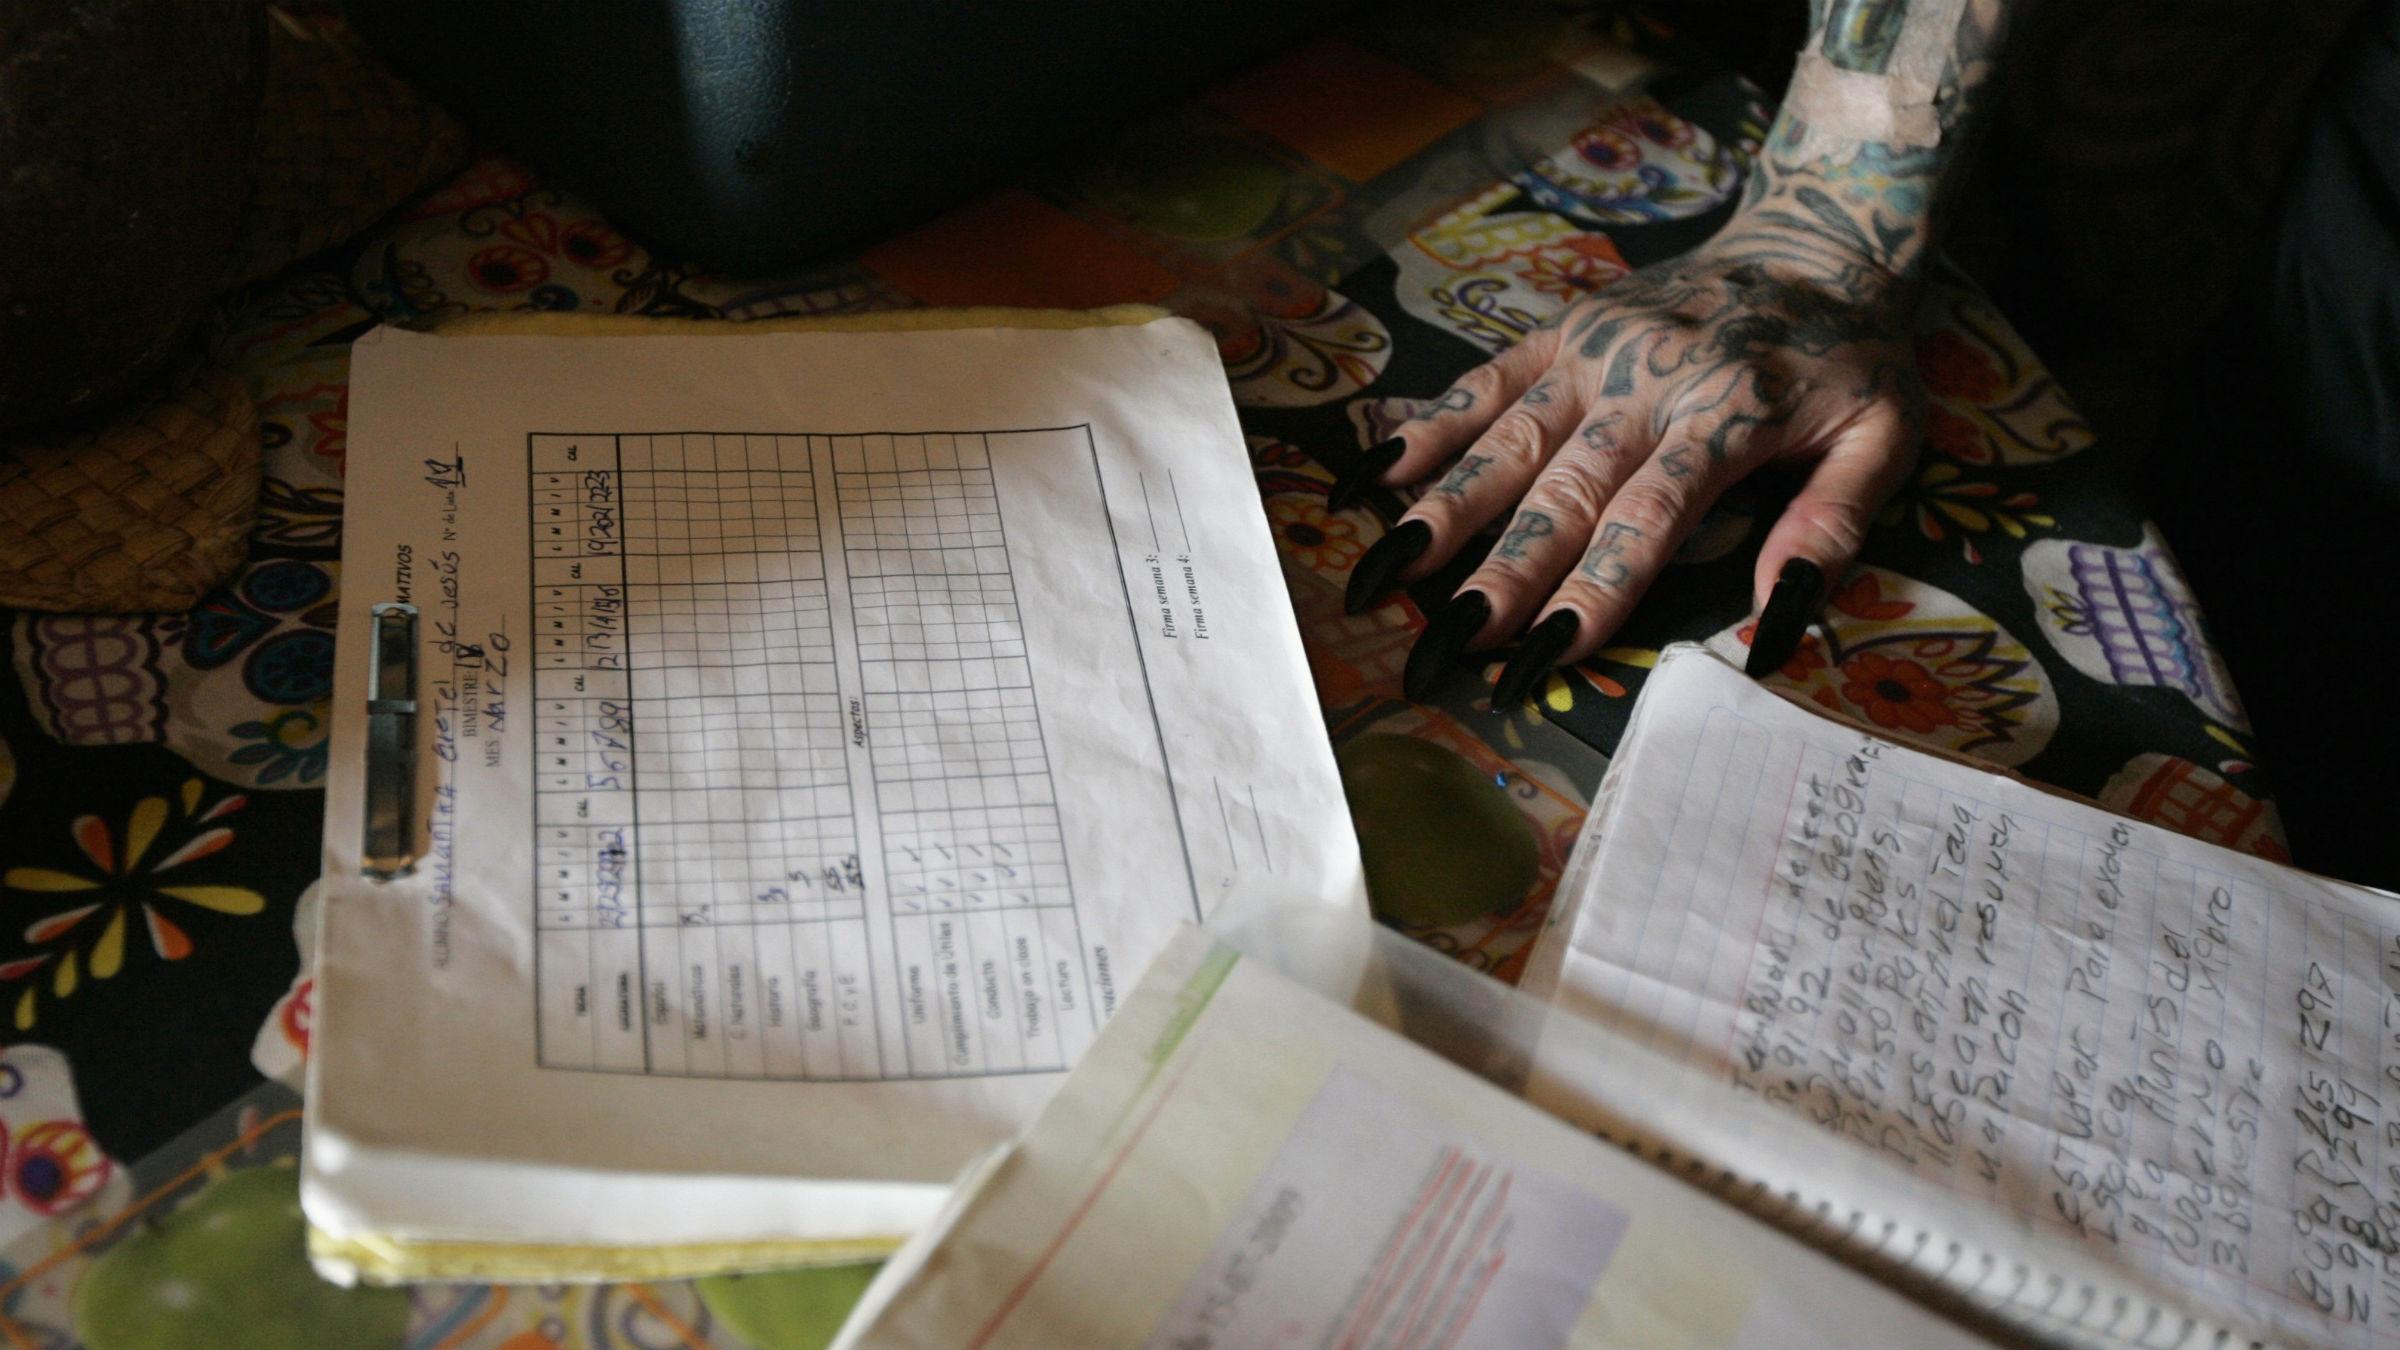 Hand next to homework